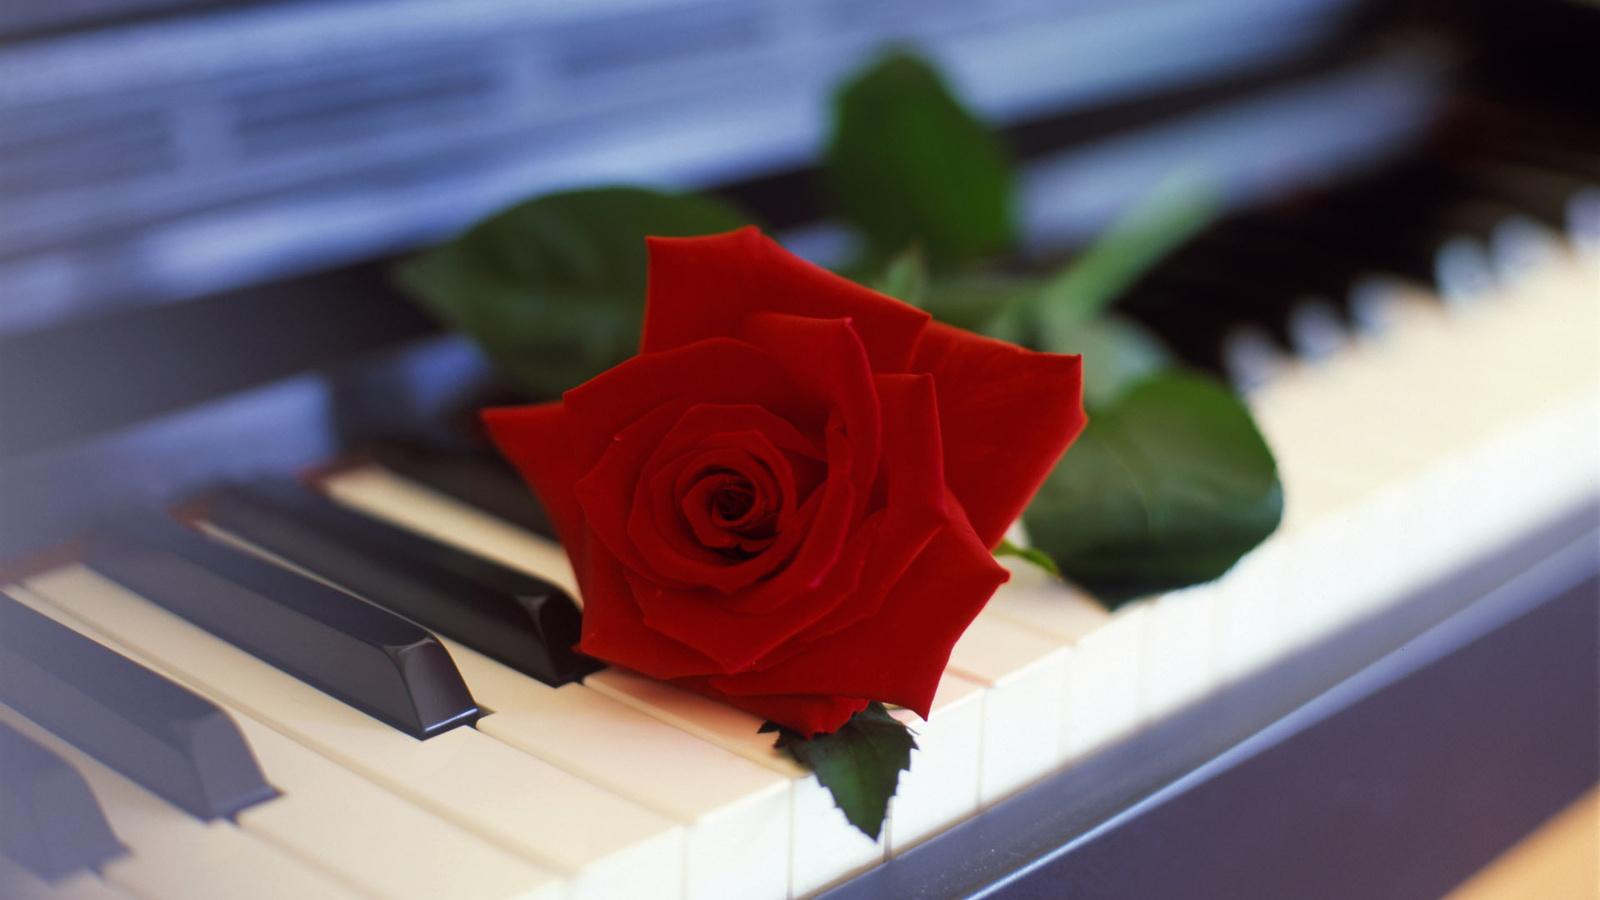 18958 скачать обои Музыка, Растения, Цветы, Инструменты, Пианино - заставки и картинки бесплатно